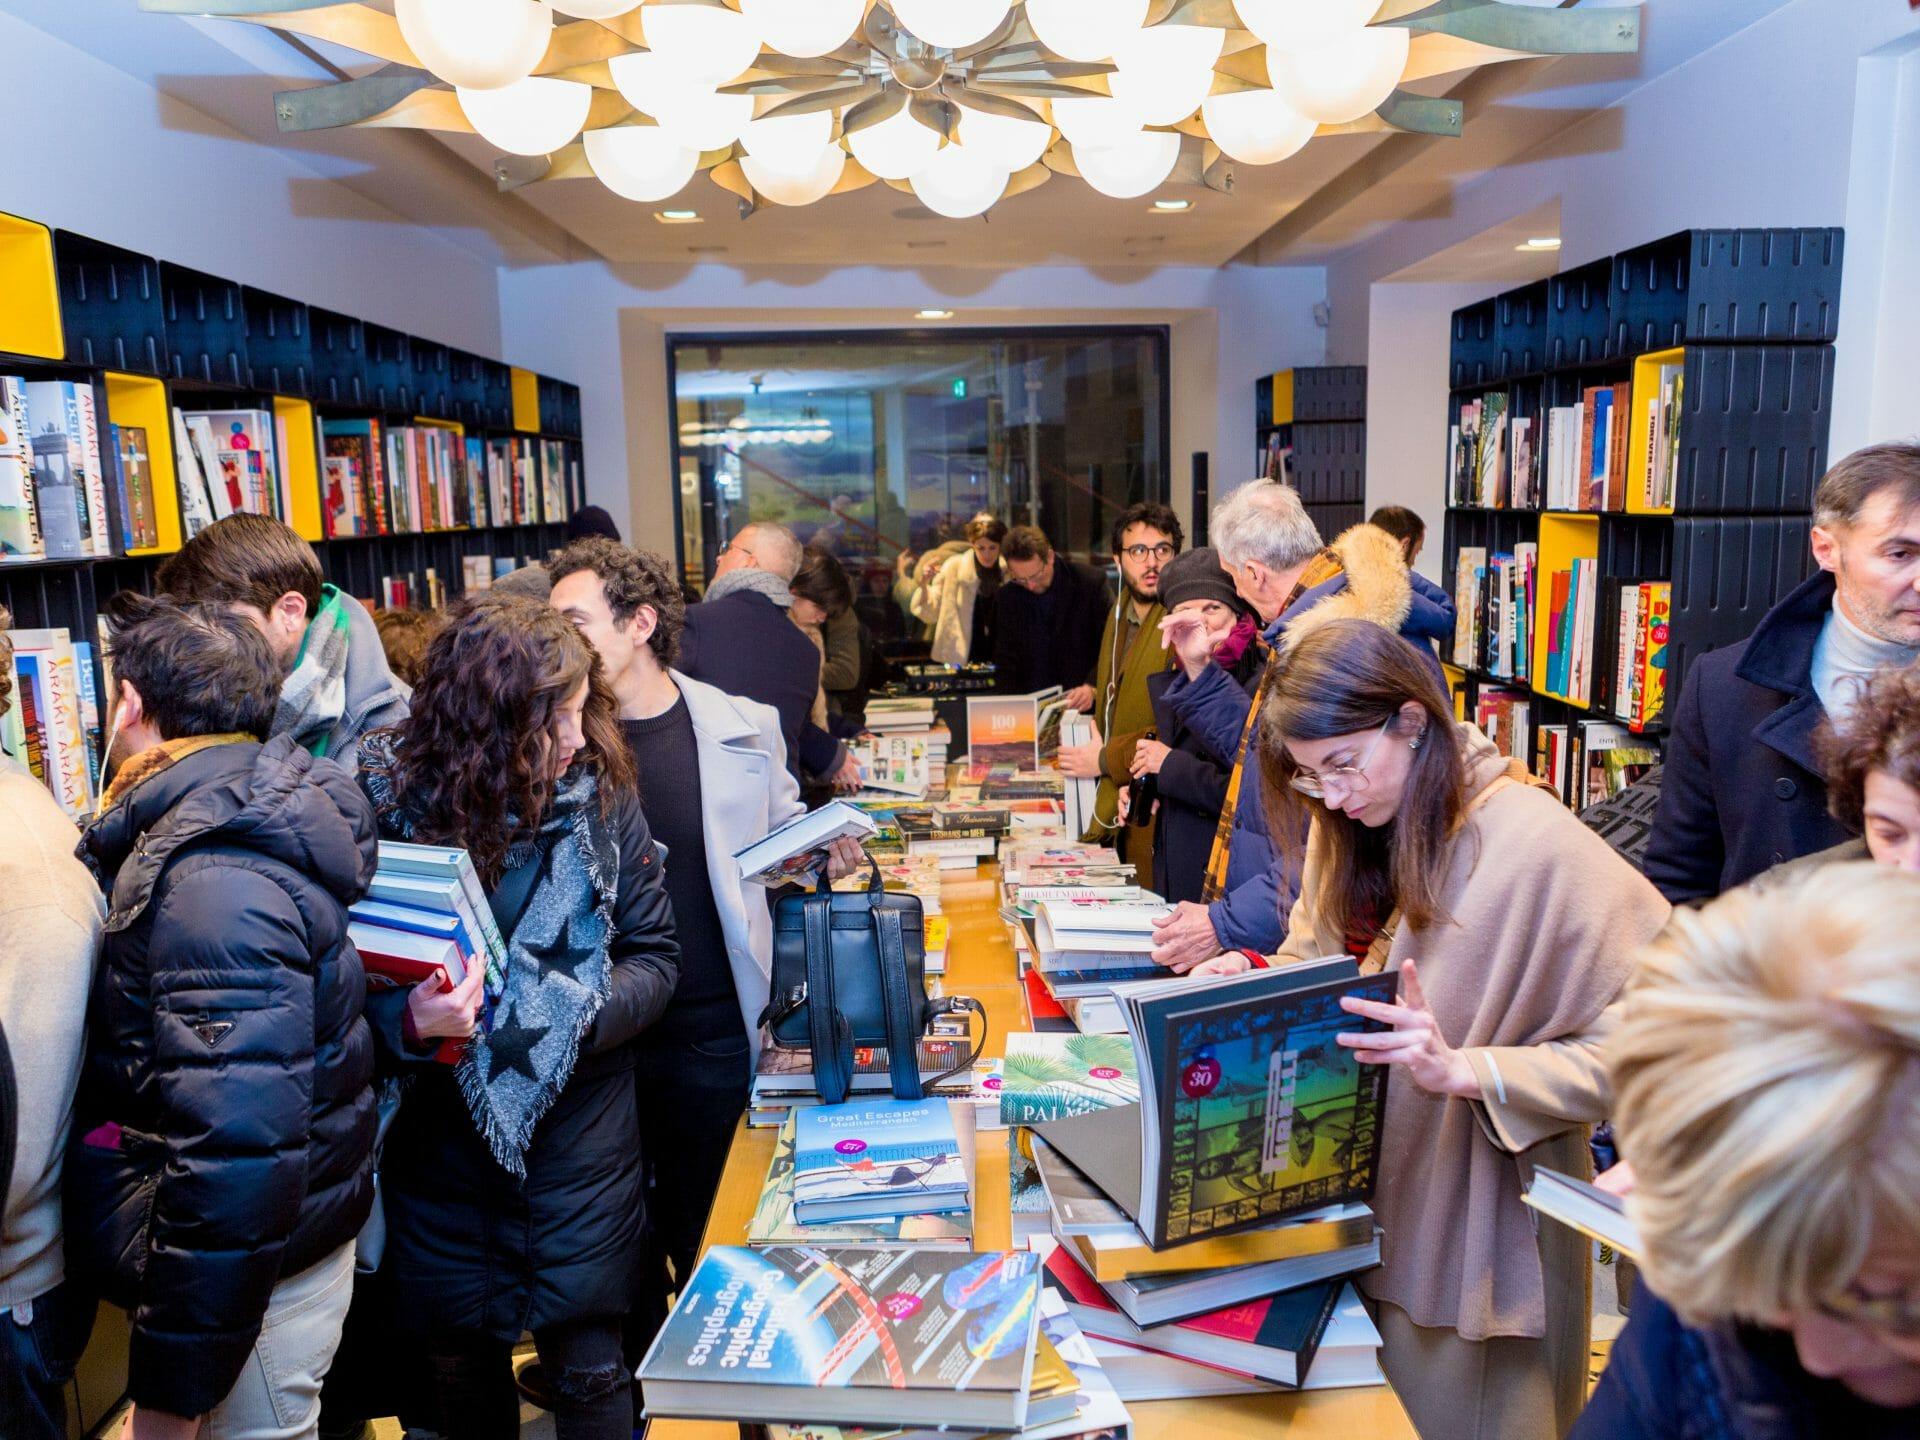 Taschen Saldi- 24 Pr & Events - pubbliche relazioni Milano